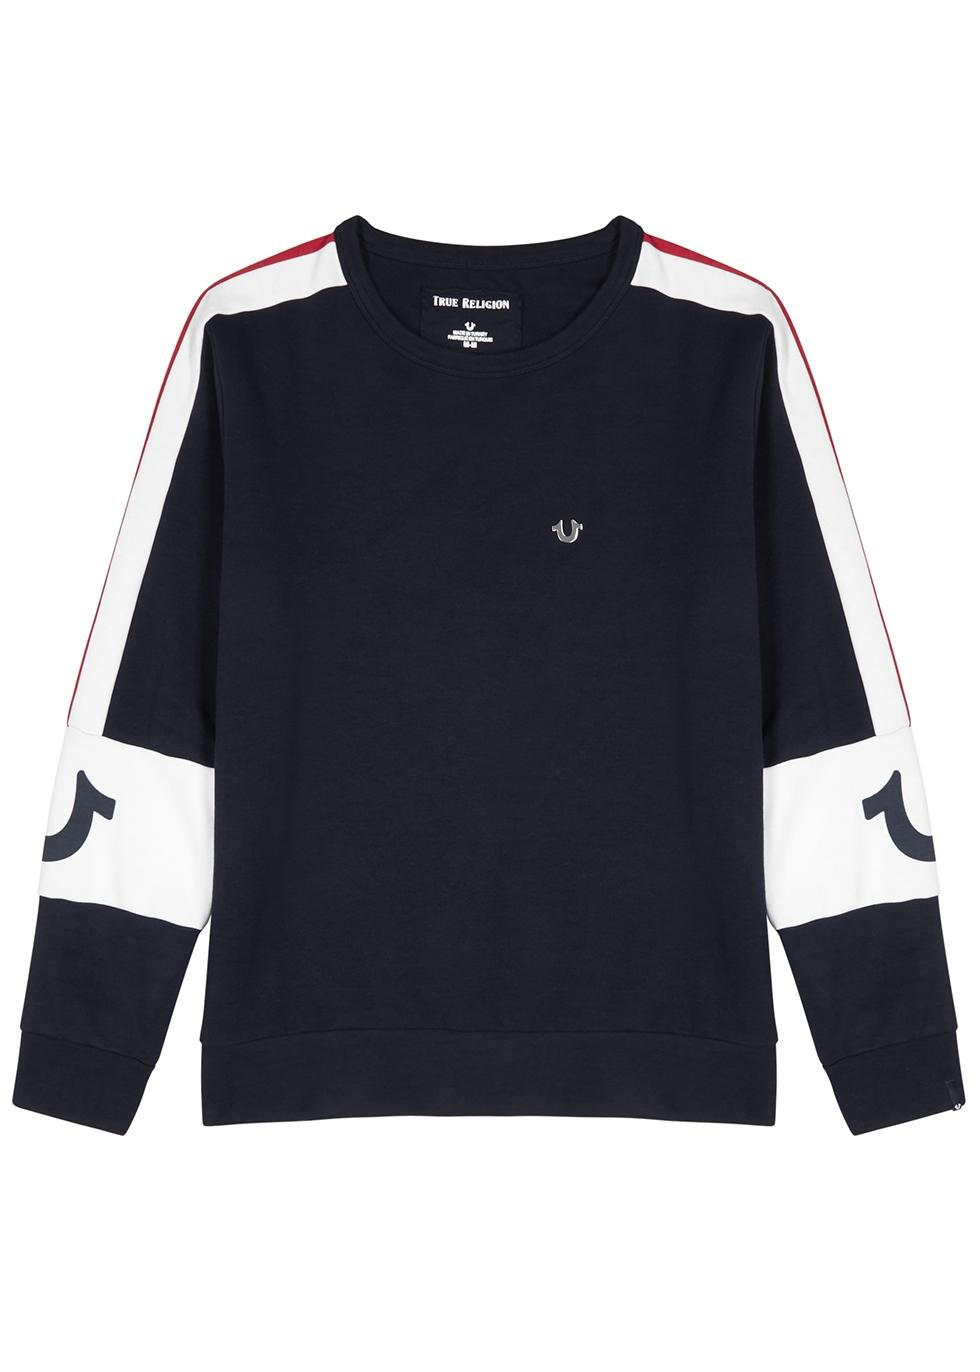 Navy cotton-blend sweatshirt - True Religion